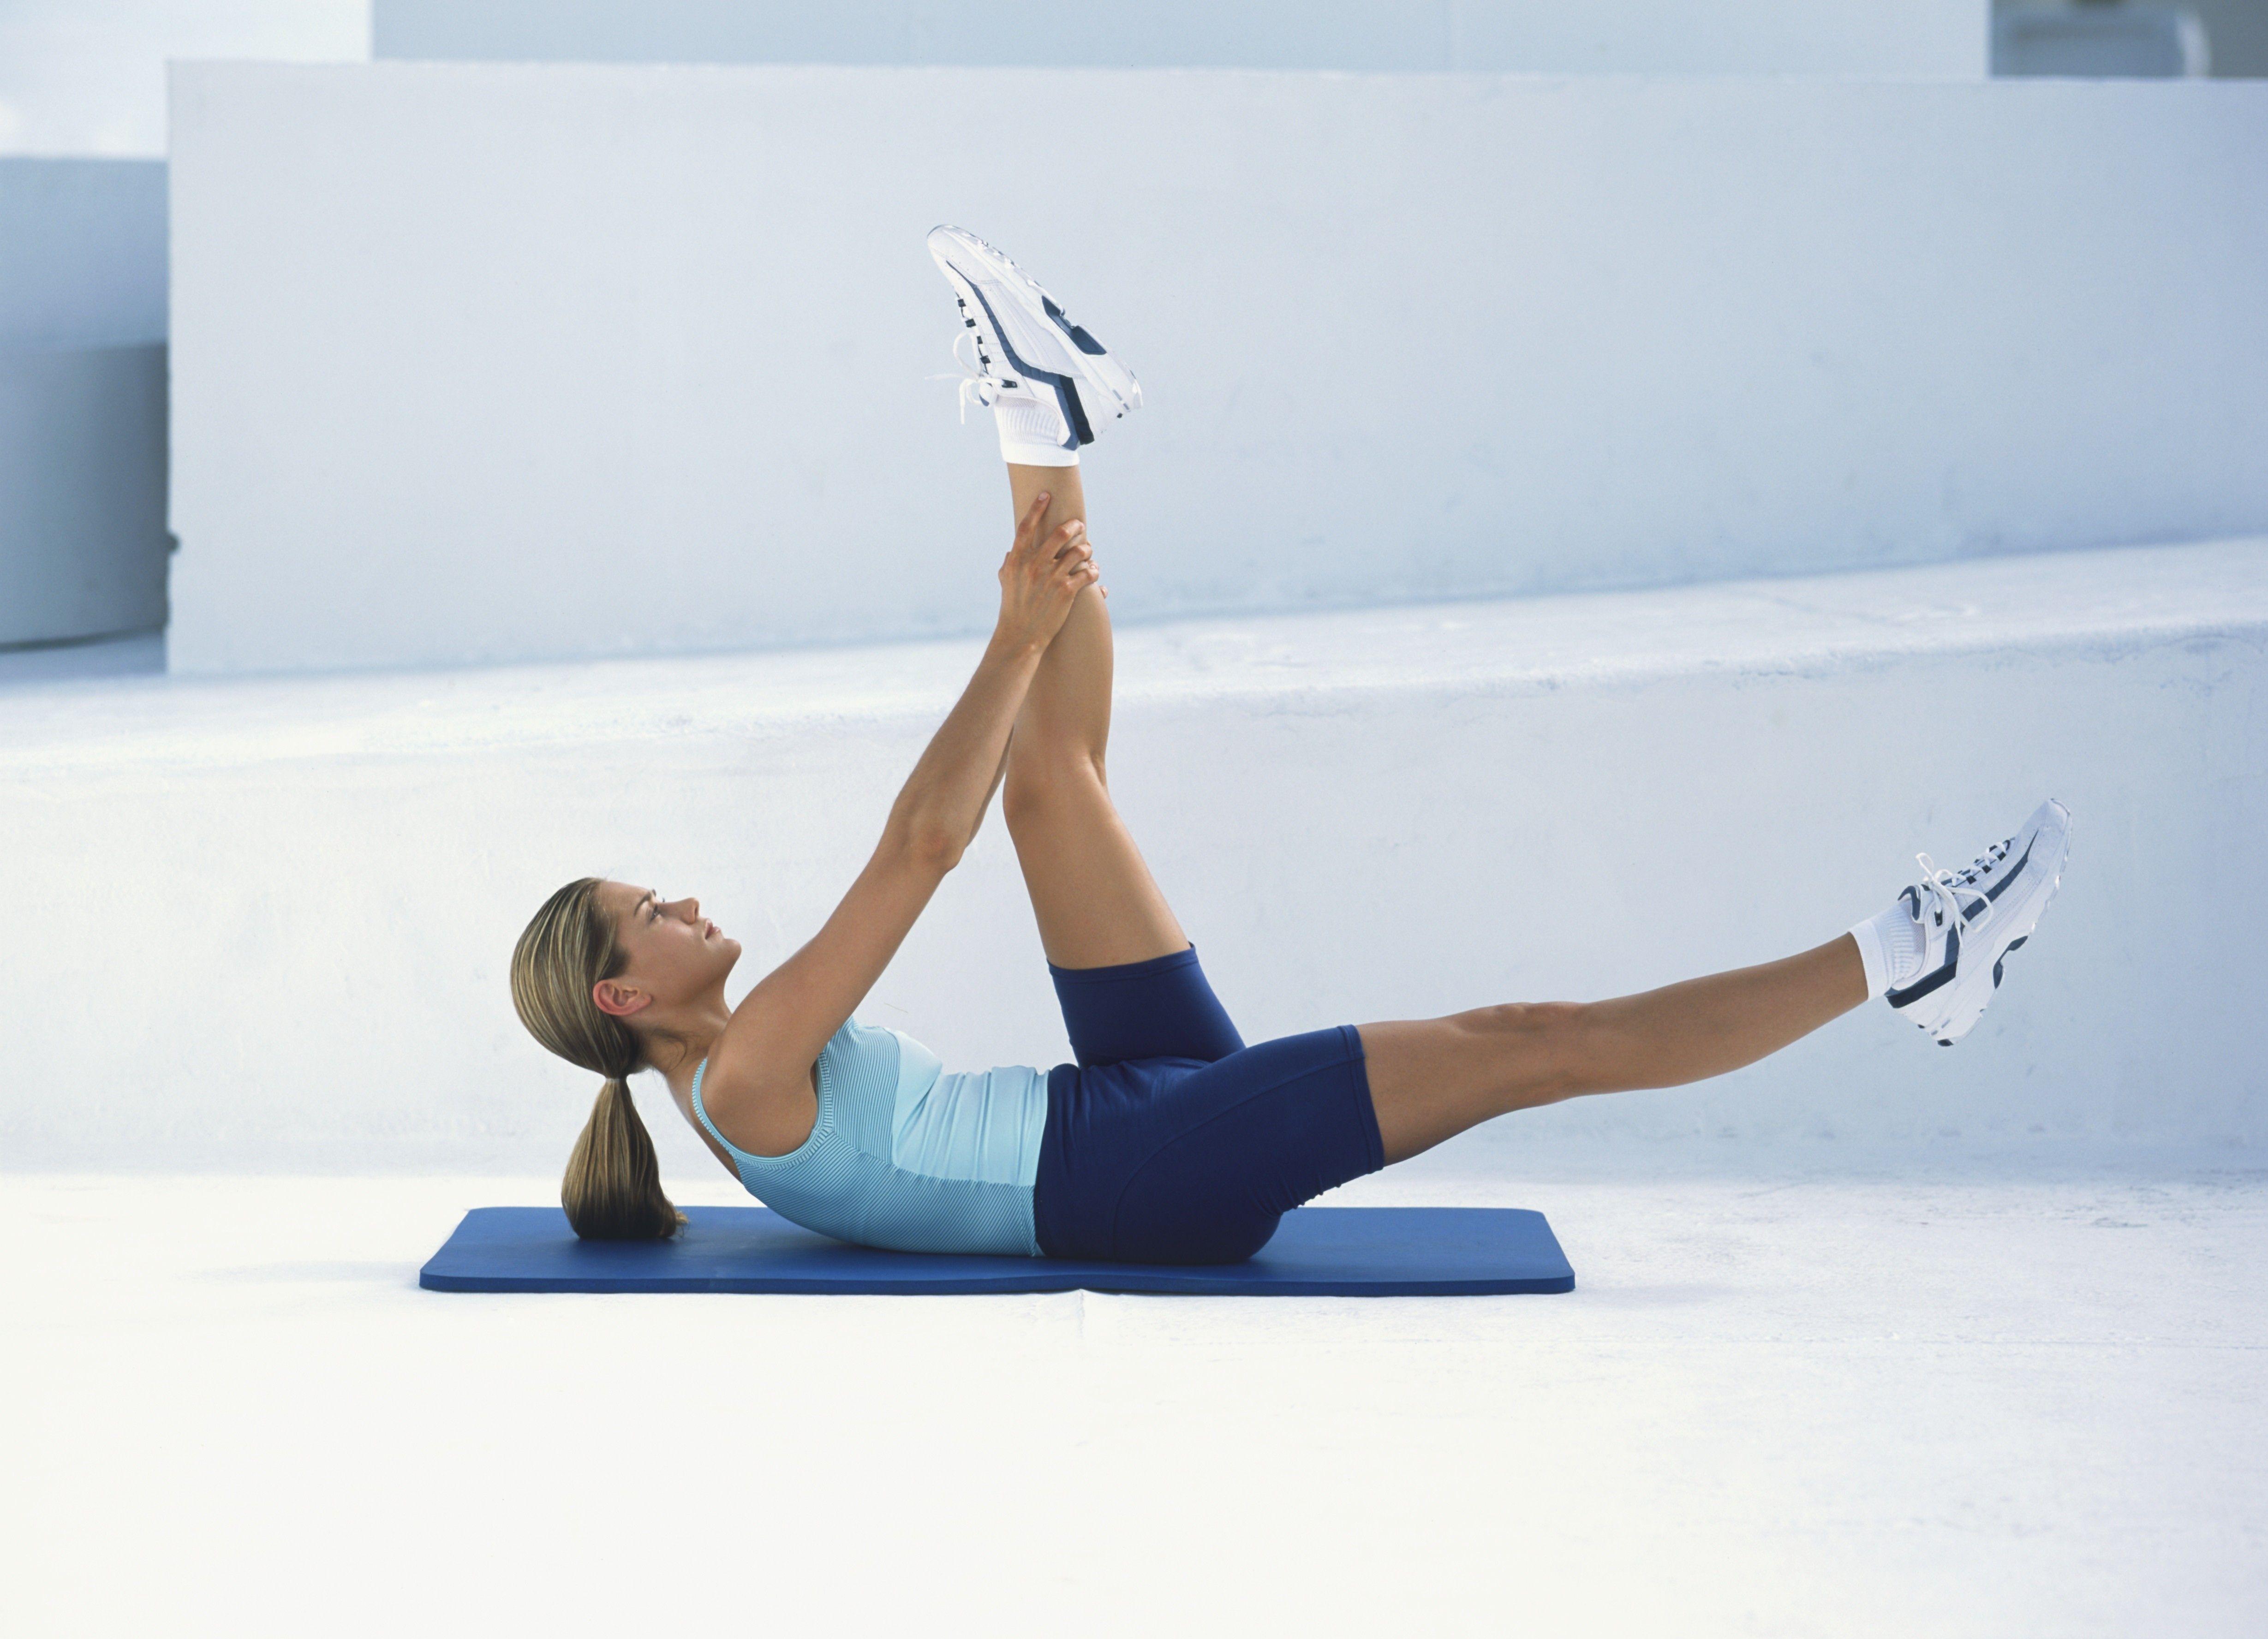 Mujer en pantalones cortos de ciclismo y un chaleco acostada de espaldas sobre una colchoneta de ejercicios, con la cabeza levantada mientras tira de una pierna recta hacia ella, la otra estirada en el aire frente a ella, vista lateral.